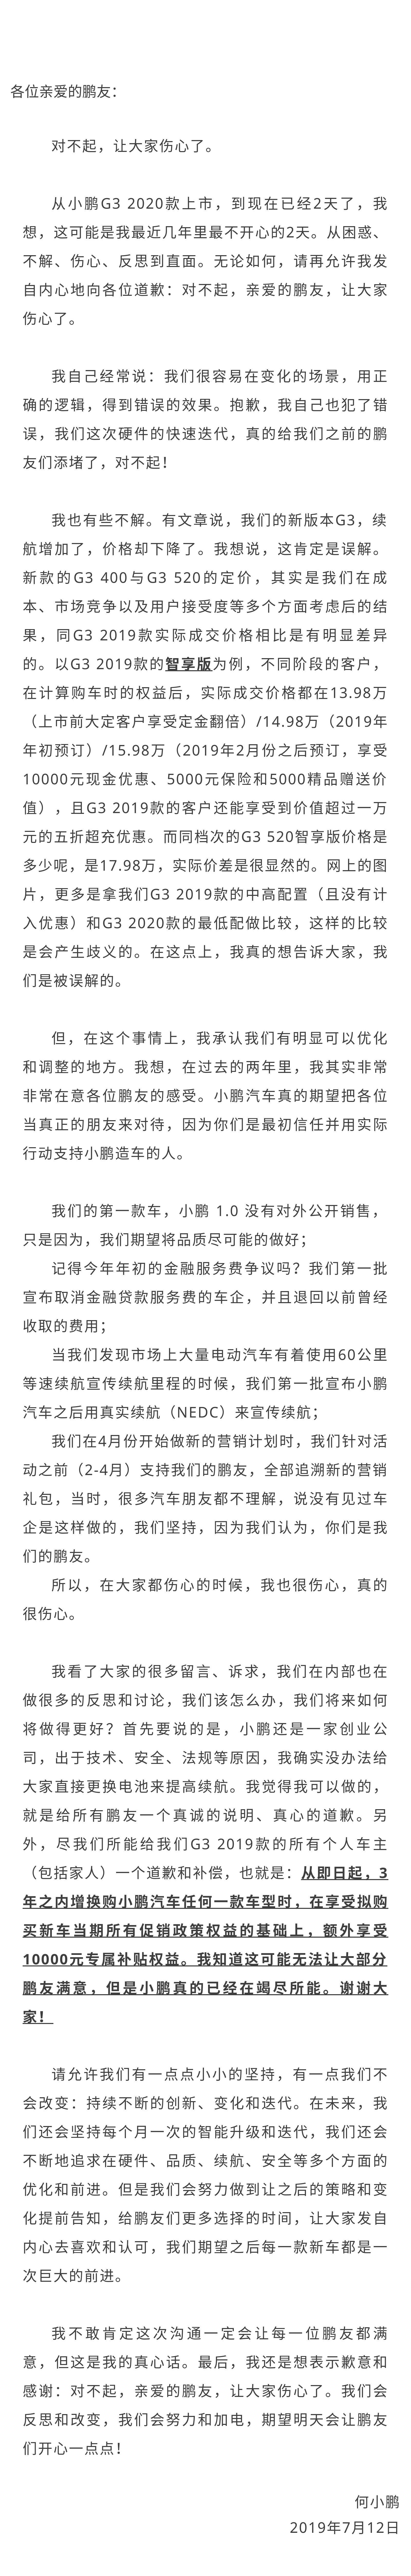 何小鹏:3年内增换购小鹏汽车可享1万元补贴